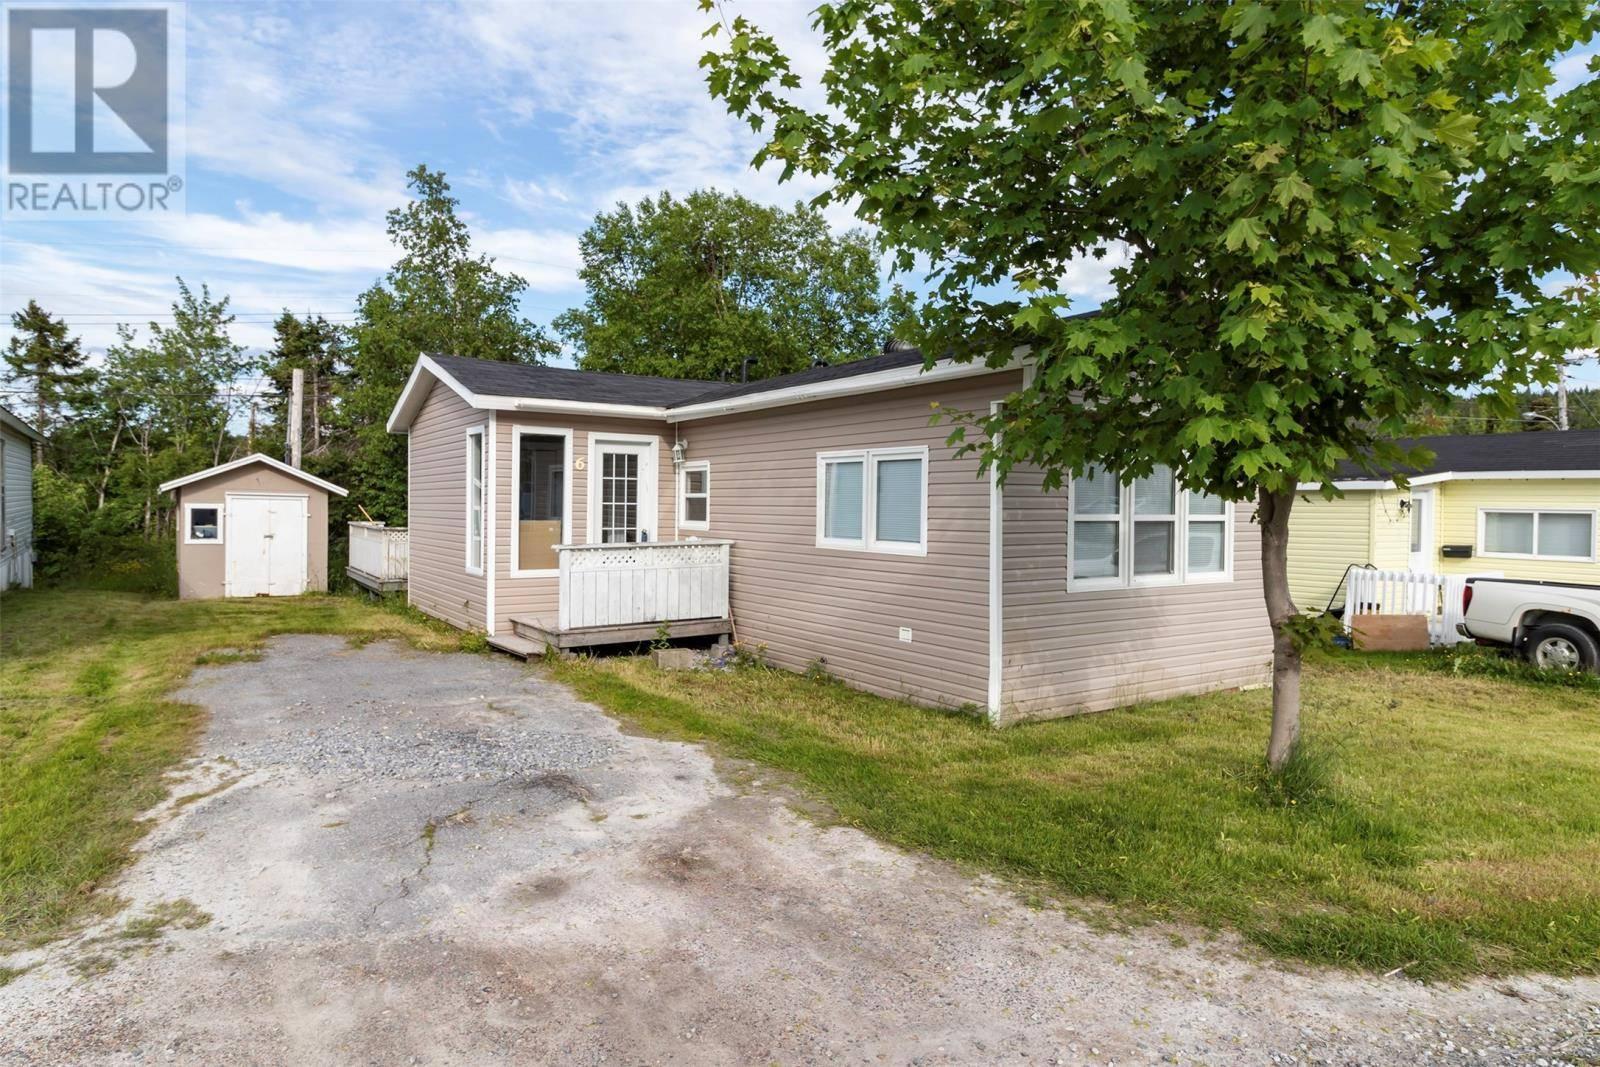 Residential property for sale at 6 Parkwood Ave Corner Brook Newfoundland - MLS: 1199234